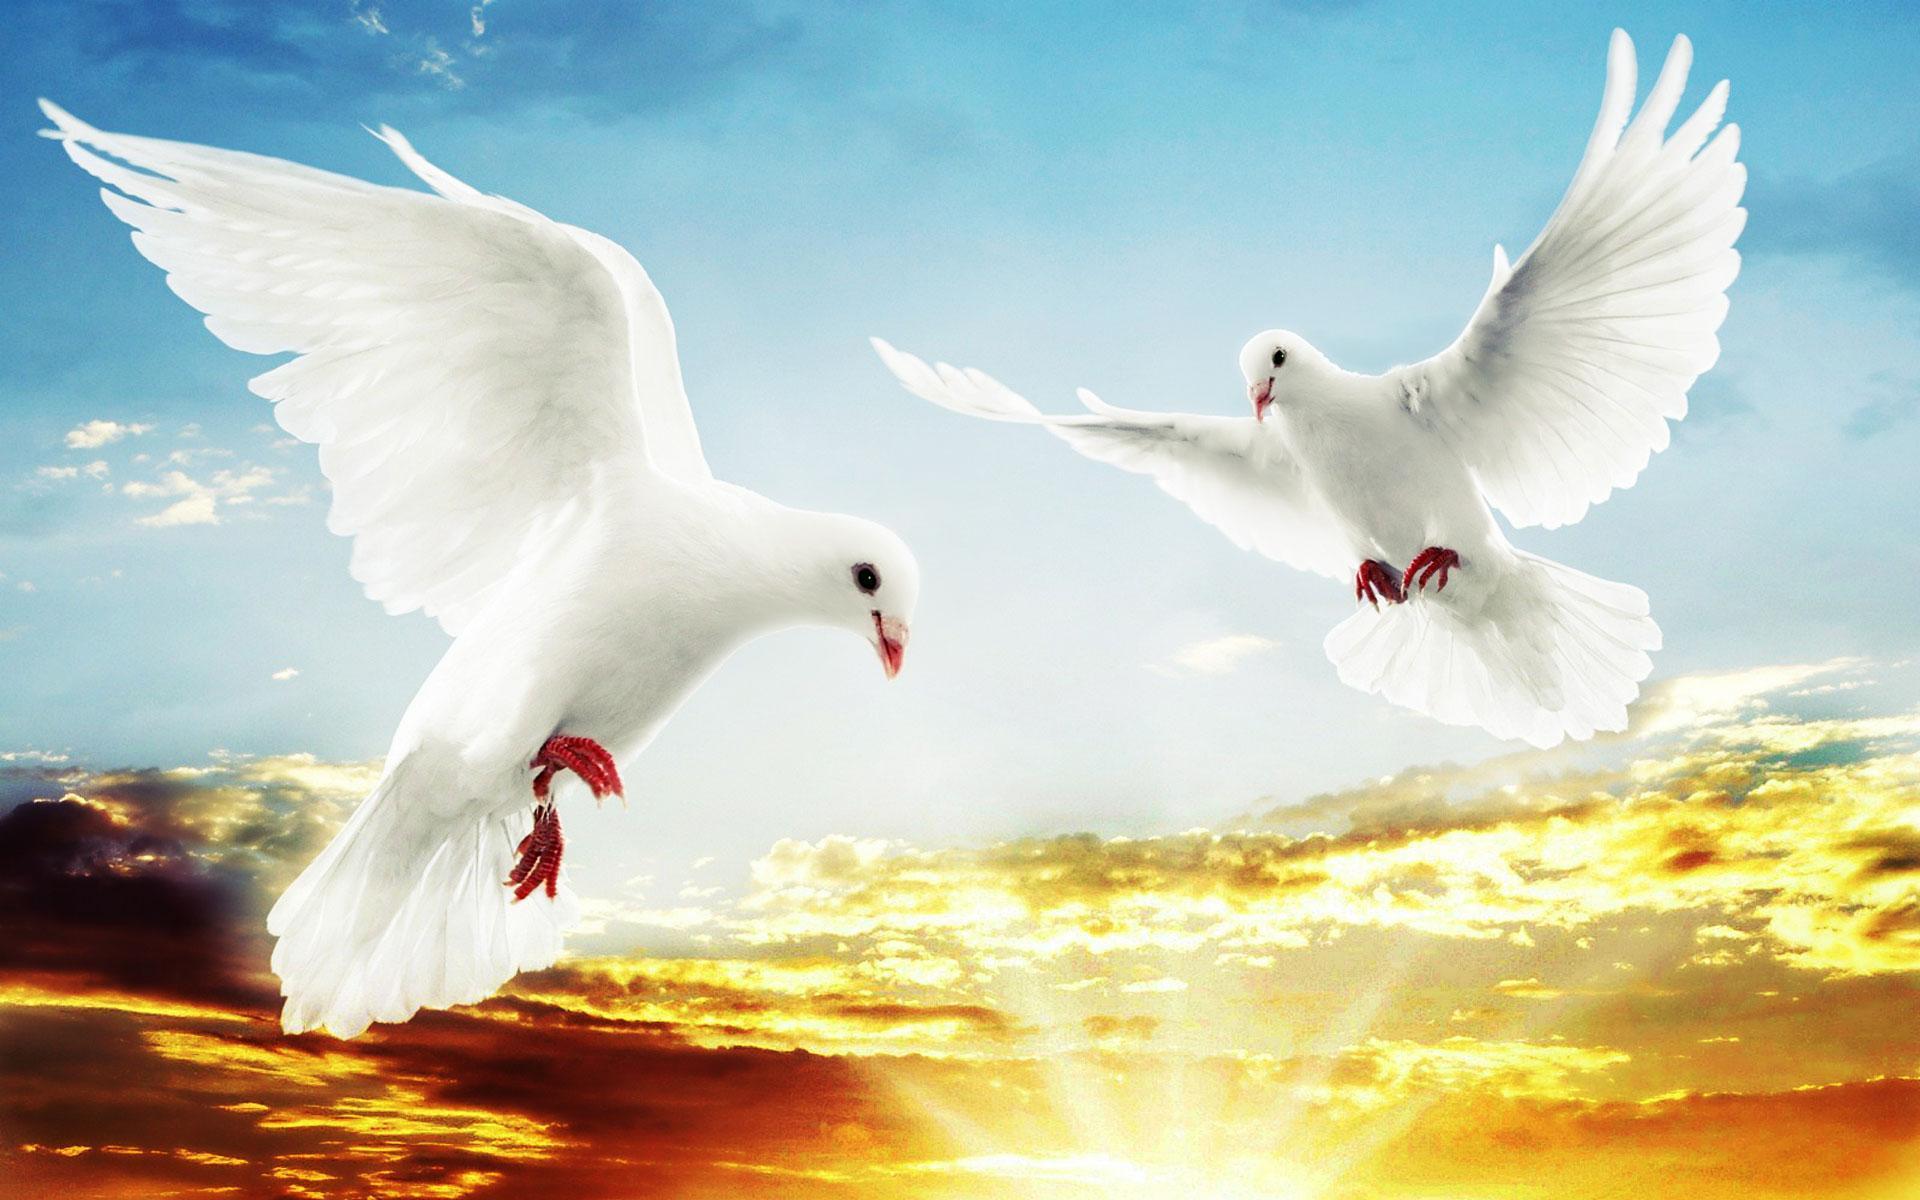 Открытка открыткой, открытки голубь в небе